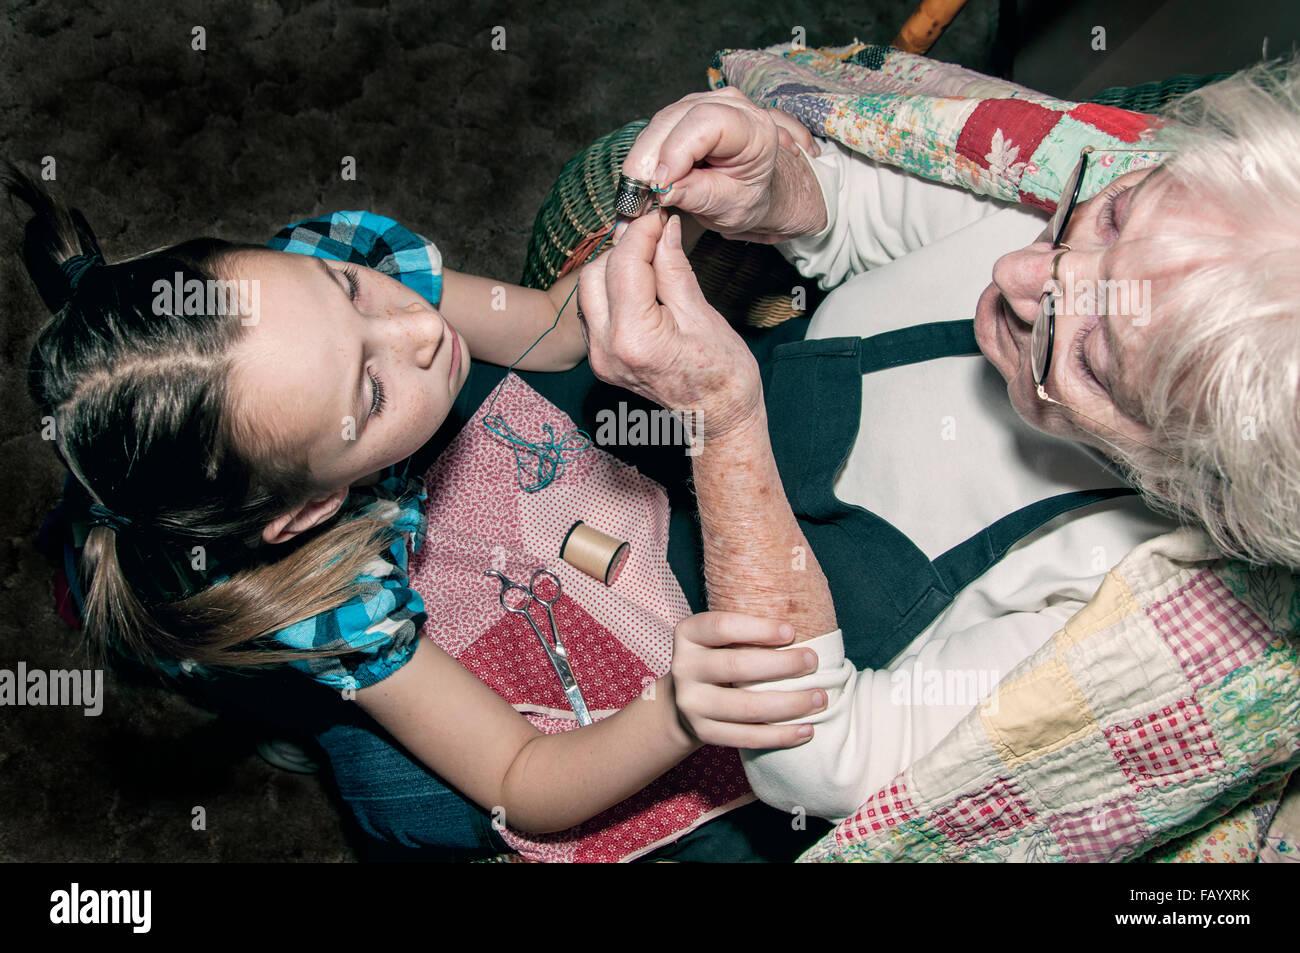 Chica sujetando las abuelas manos constante para enhebrar la aguja Imagen De Stock